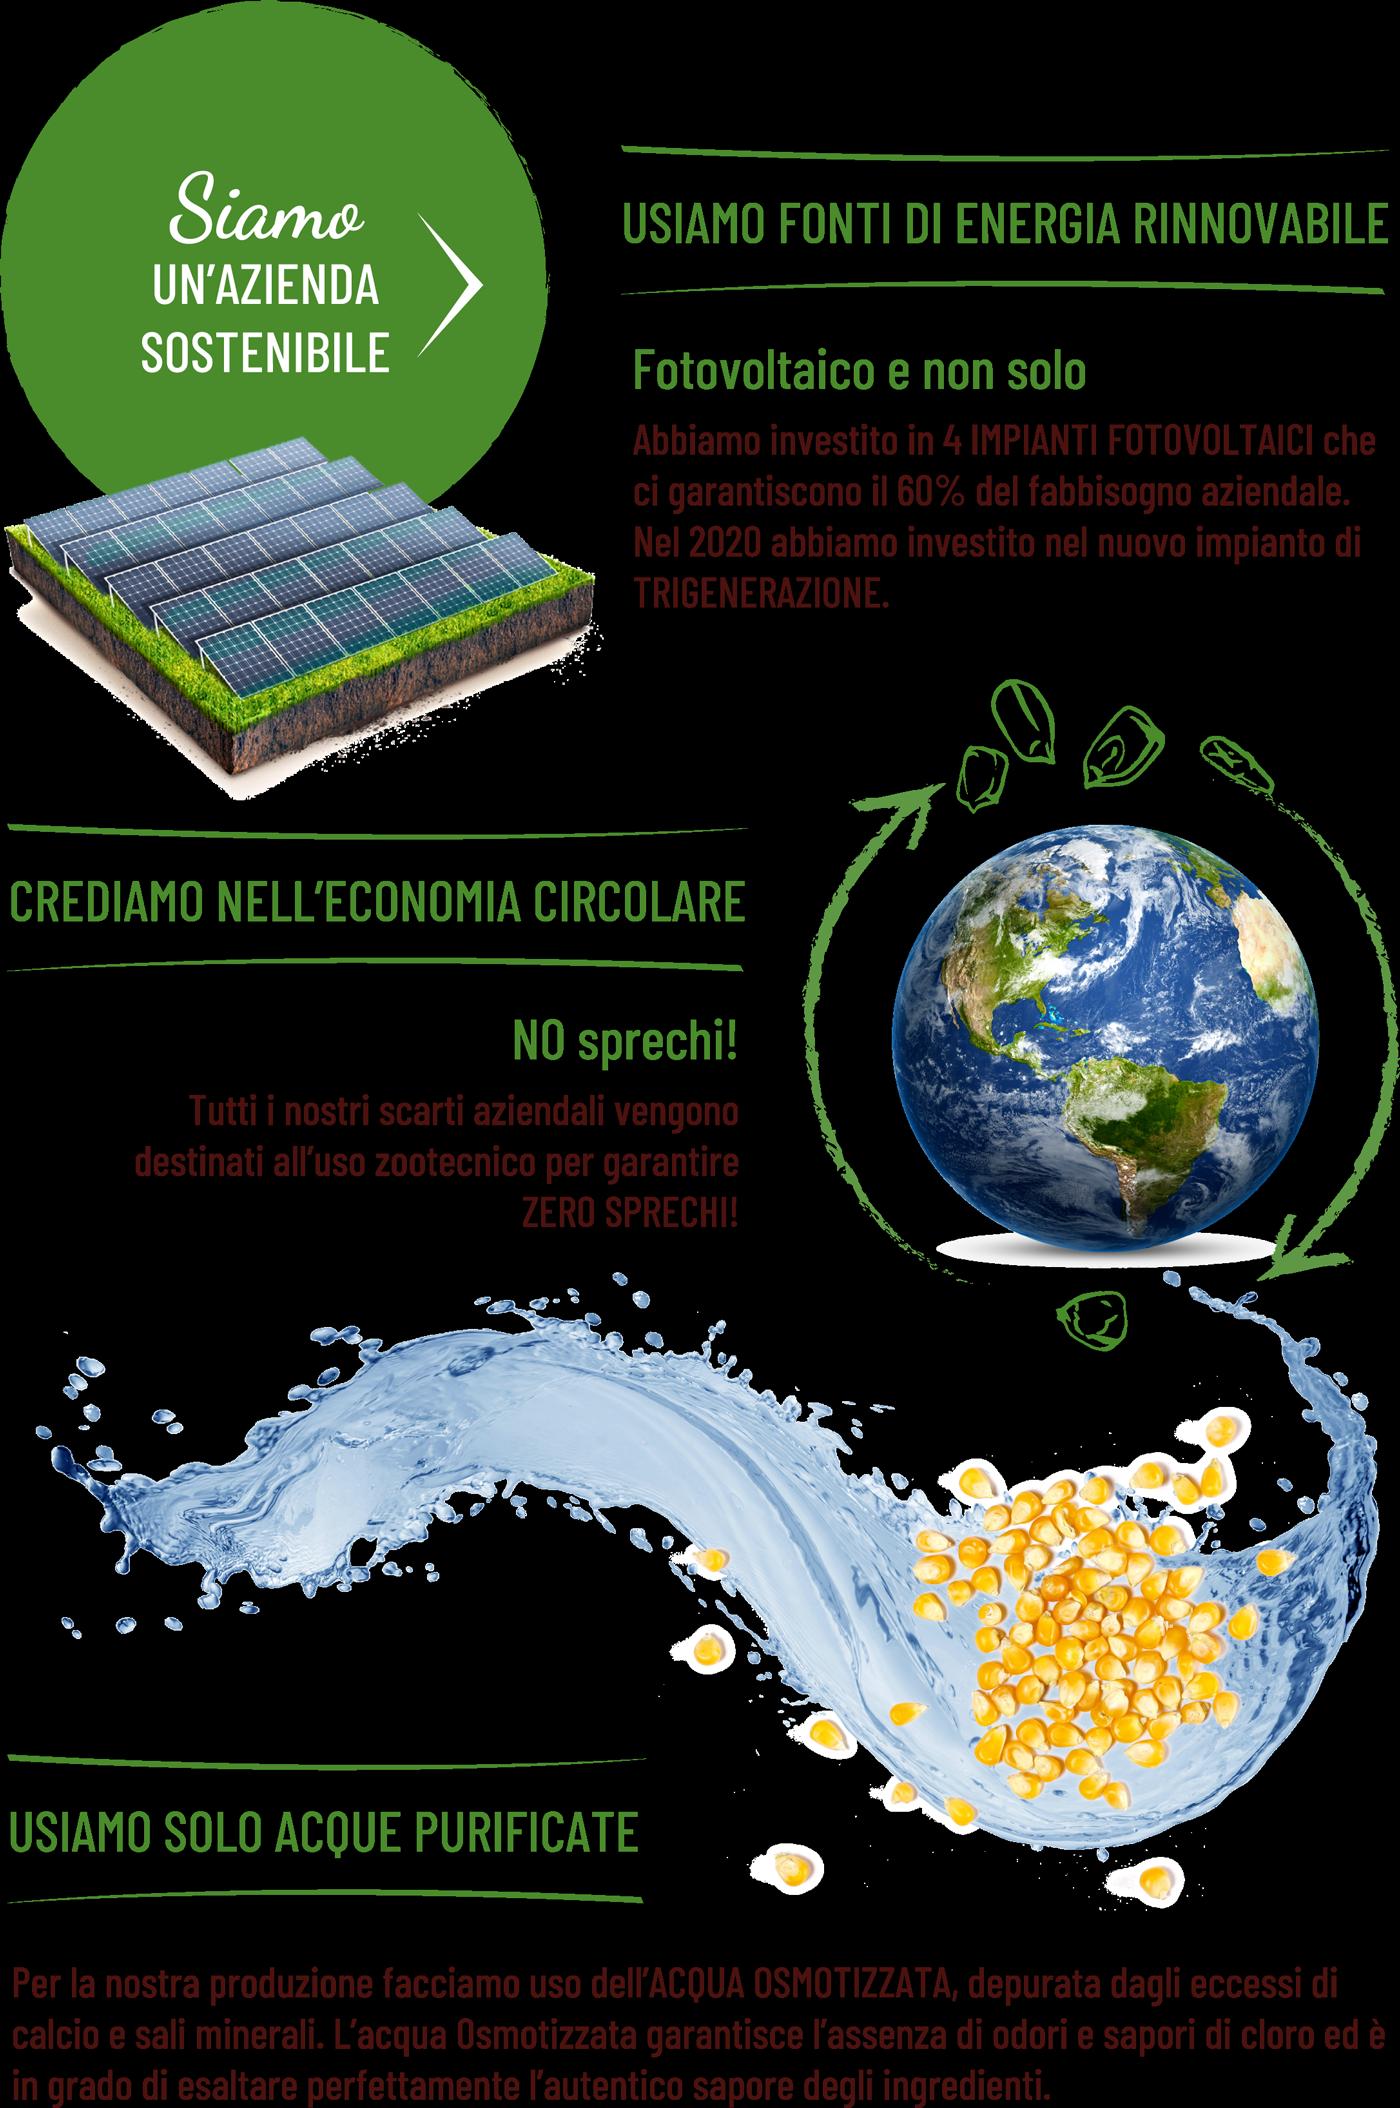 Azienda Sostenibile Con Fonti Di Energia Rinnovabile E Acque Purificate